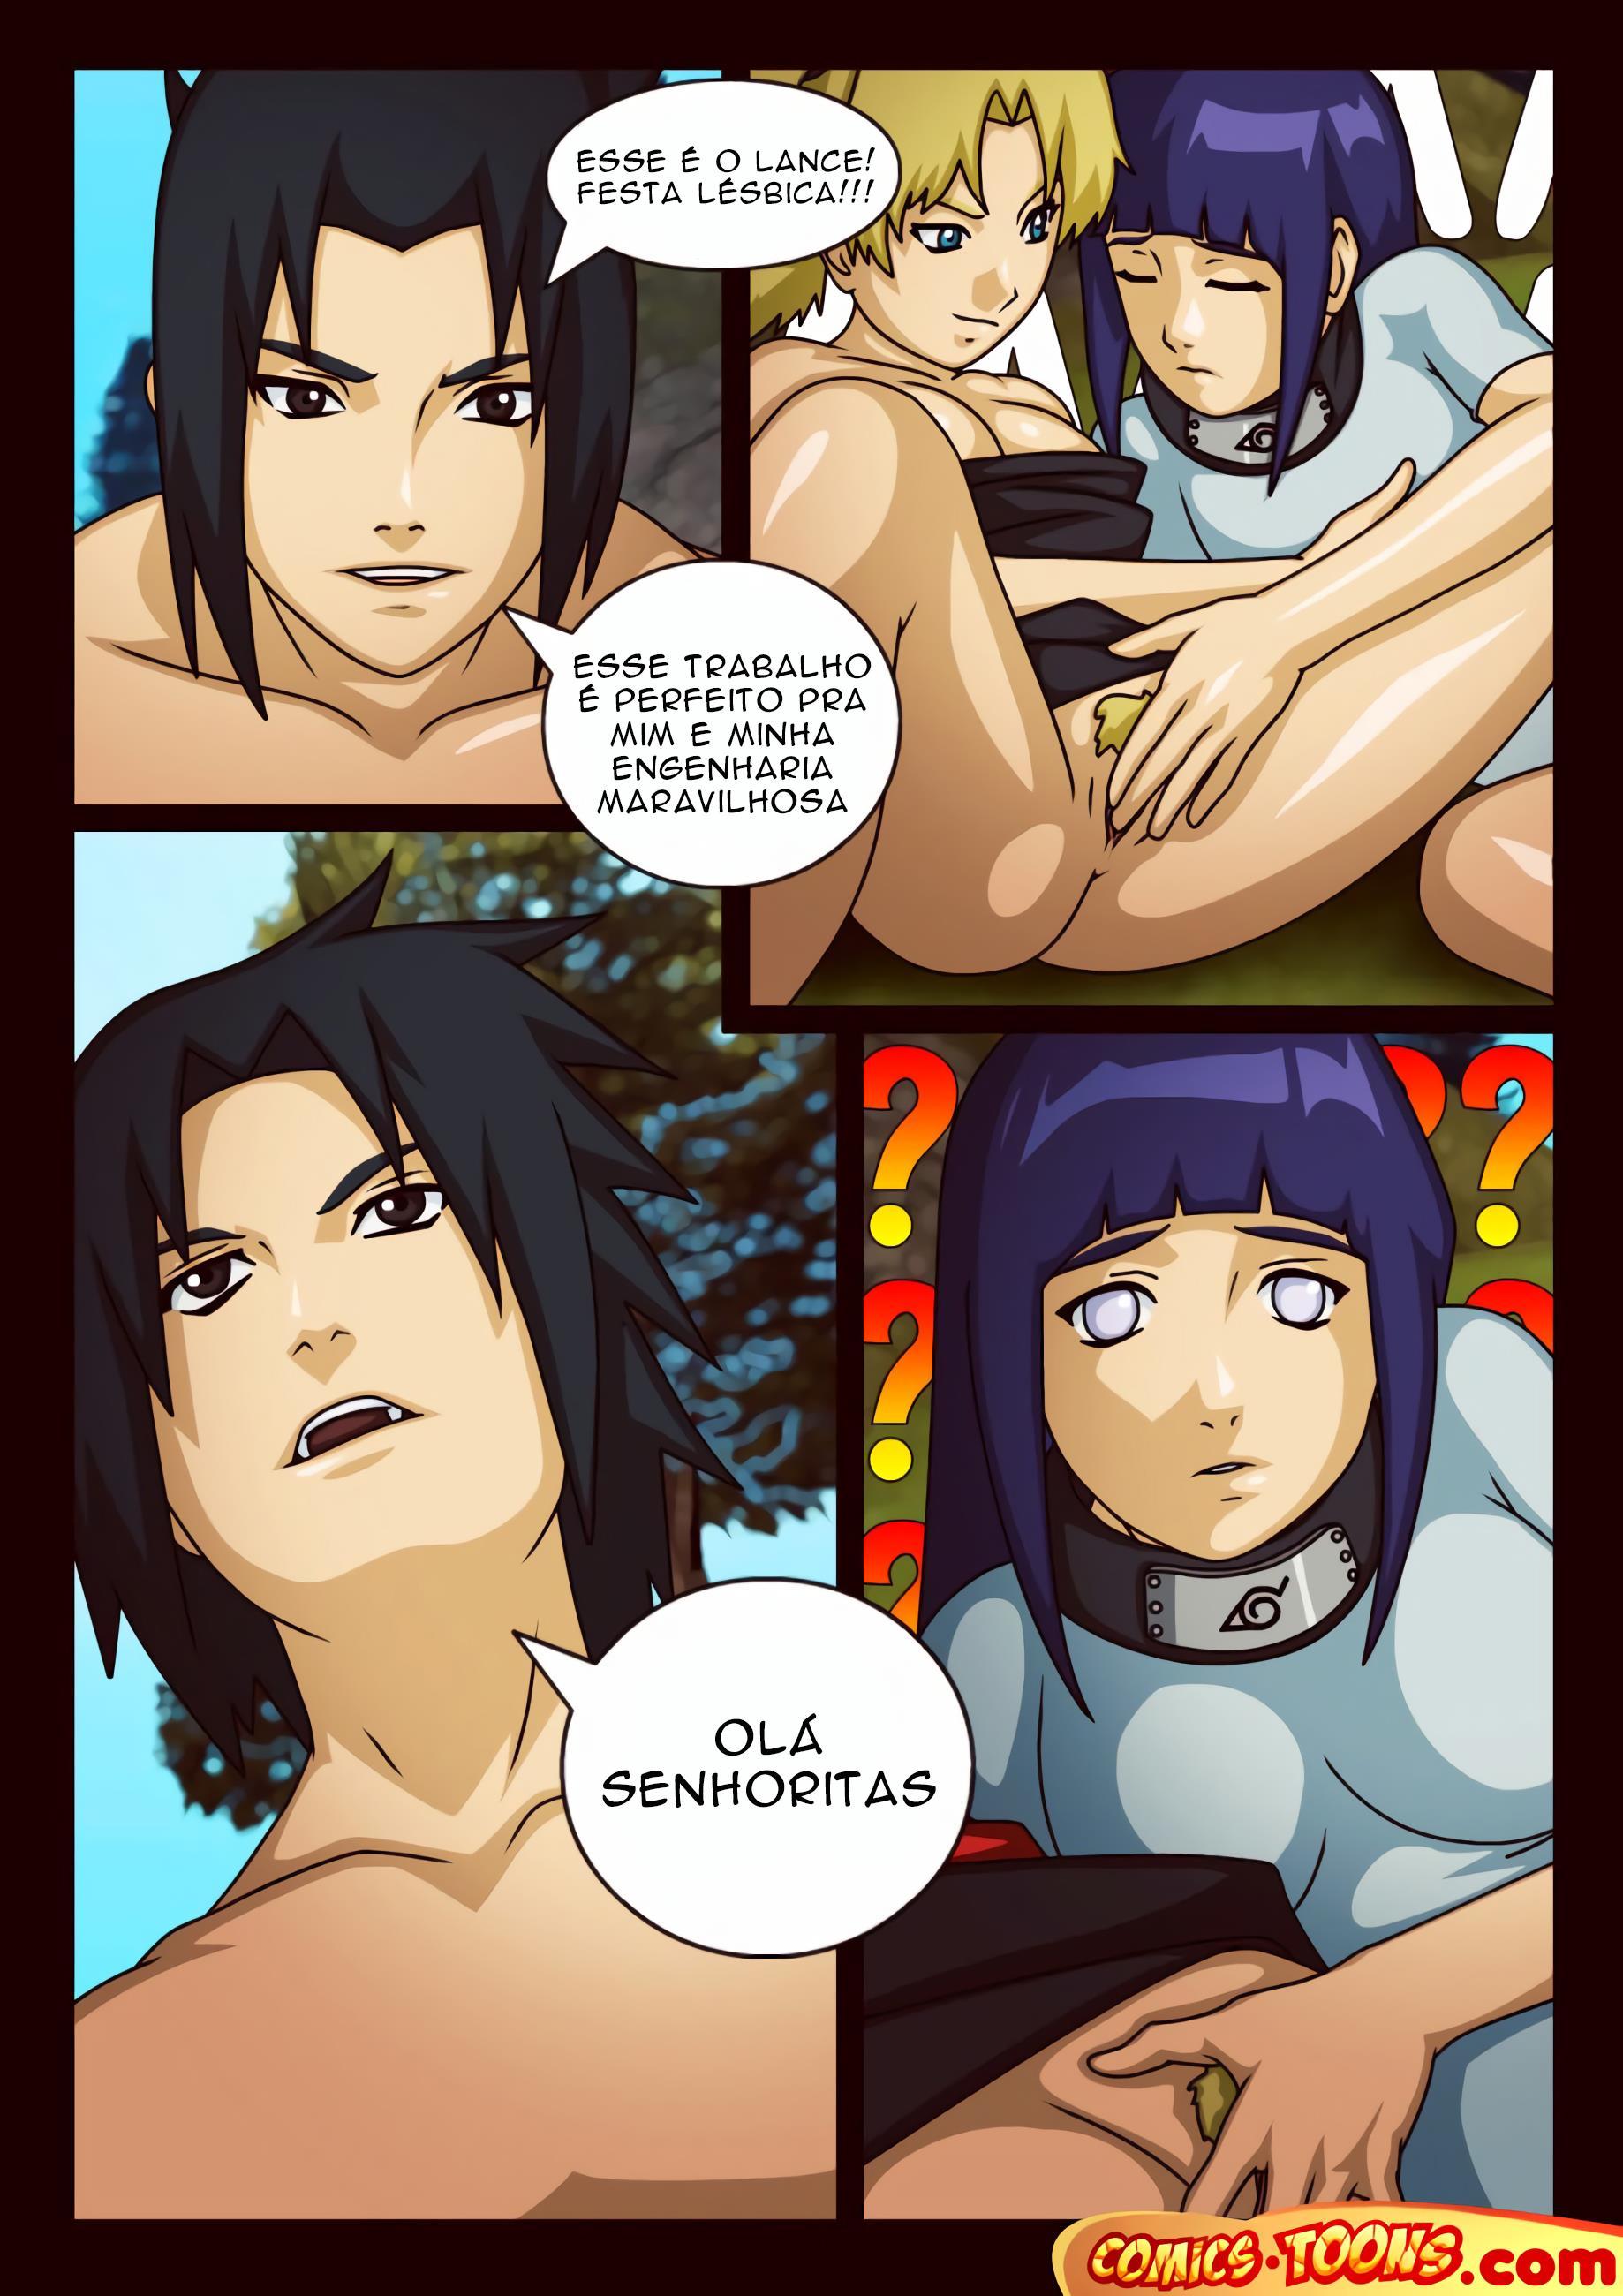 Os-brinquedos-sexuais-de-Sasuke-4